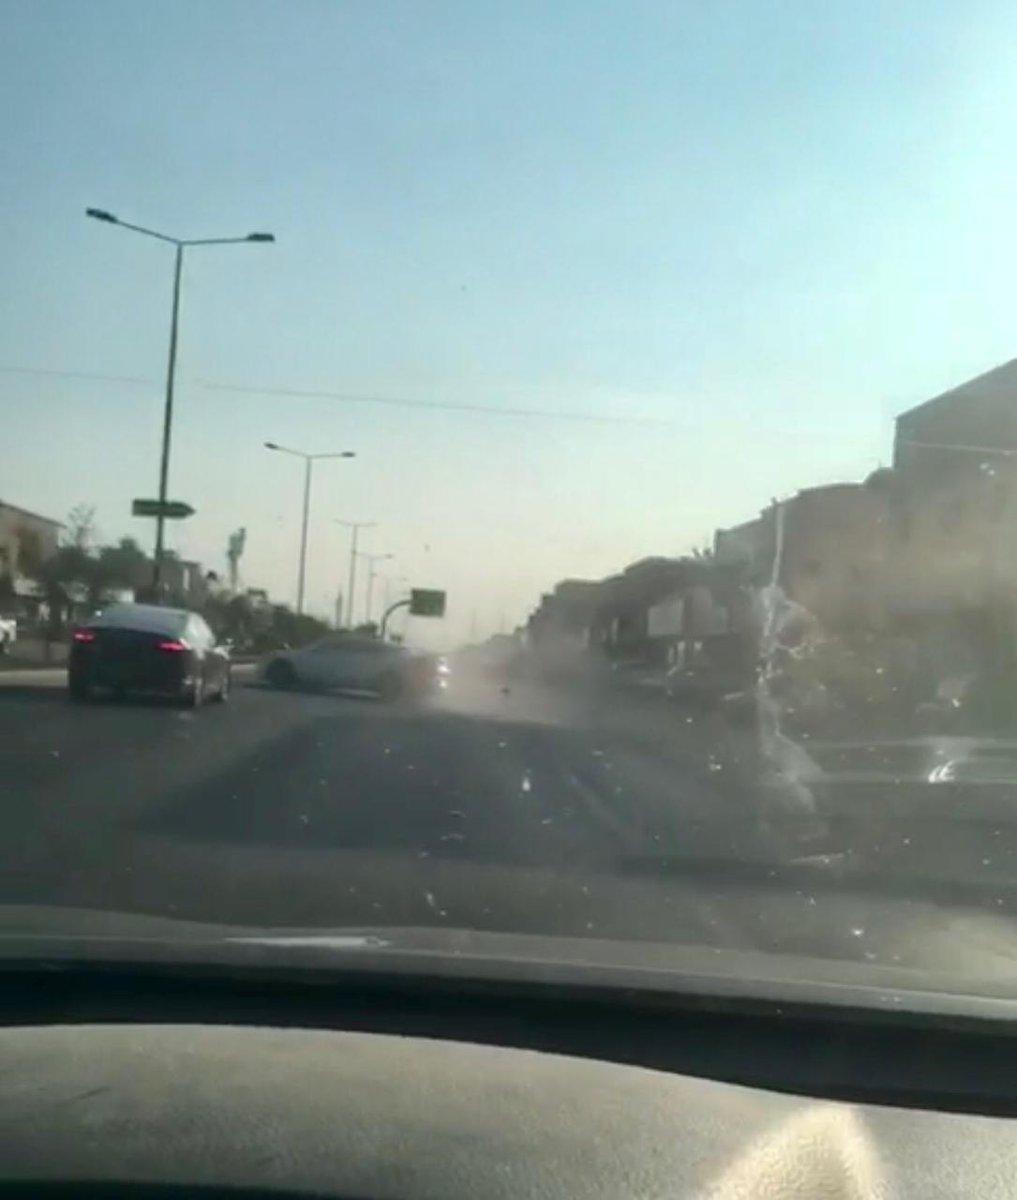 قتل أحد المشاة وحاول الهروب.. مفحط حي العريجا في قبضة المرور